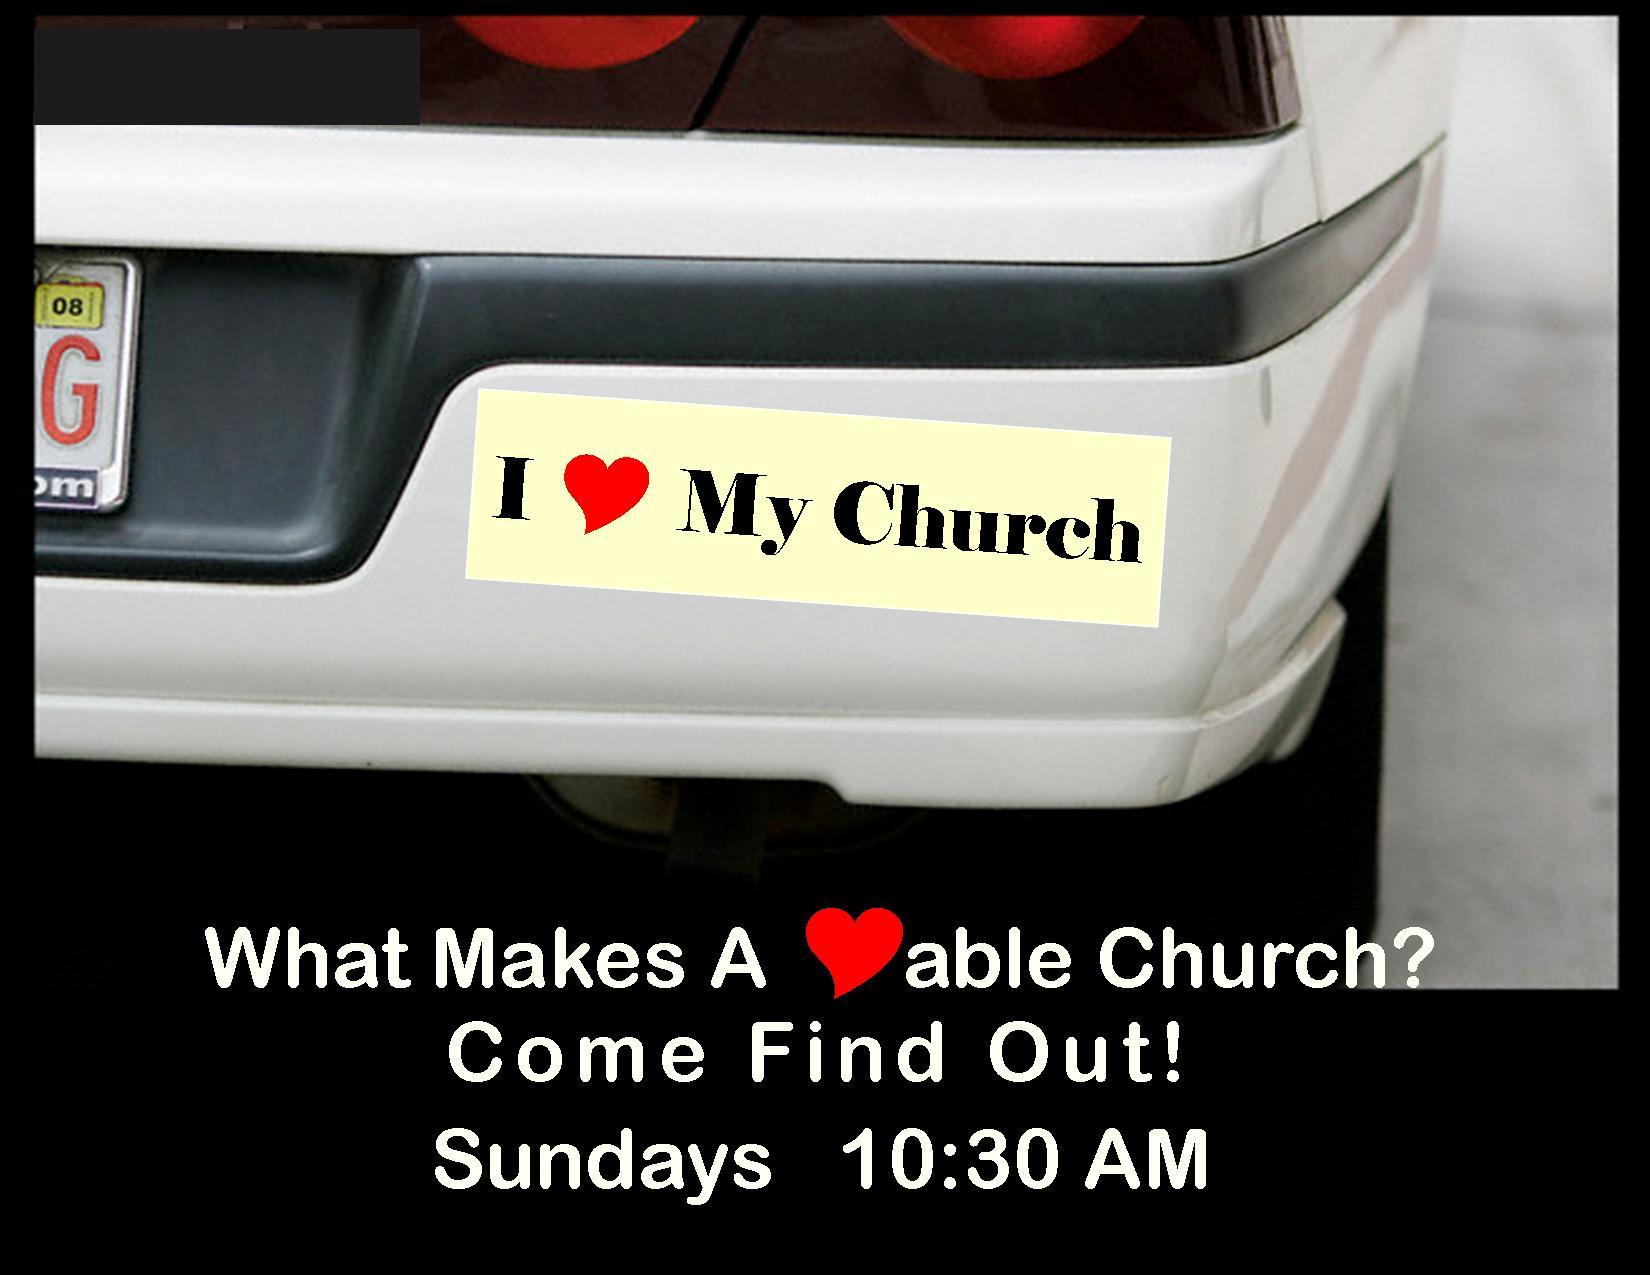 I Heart My Church